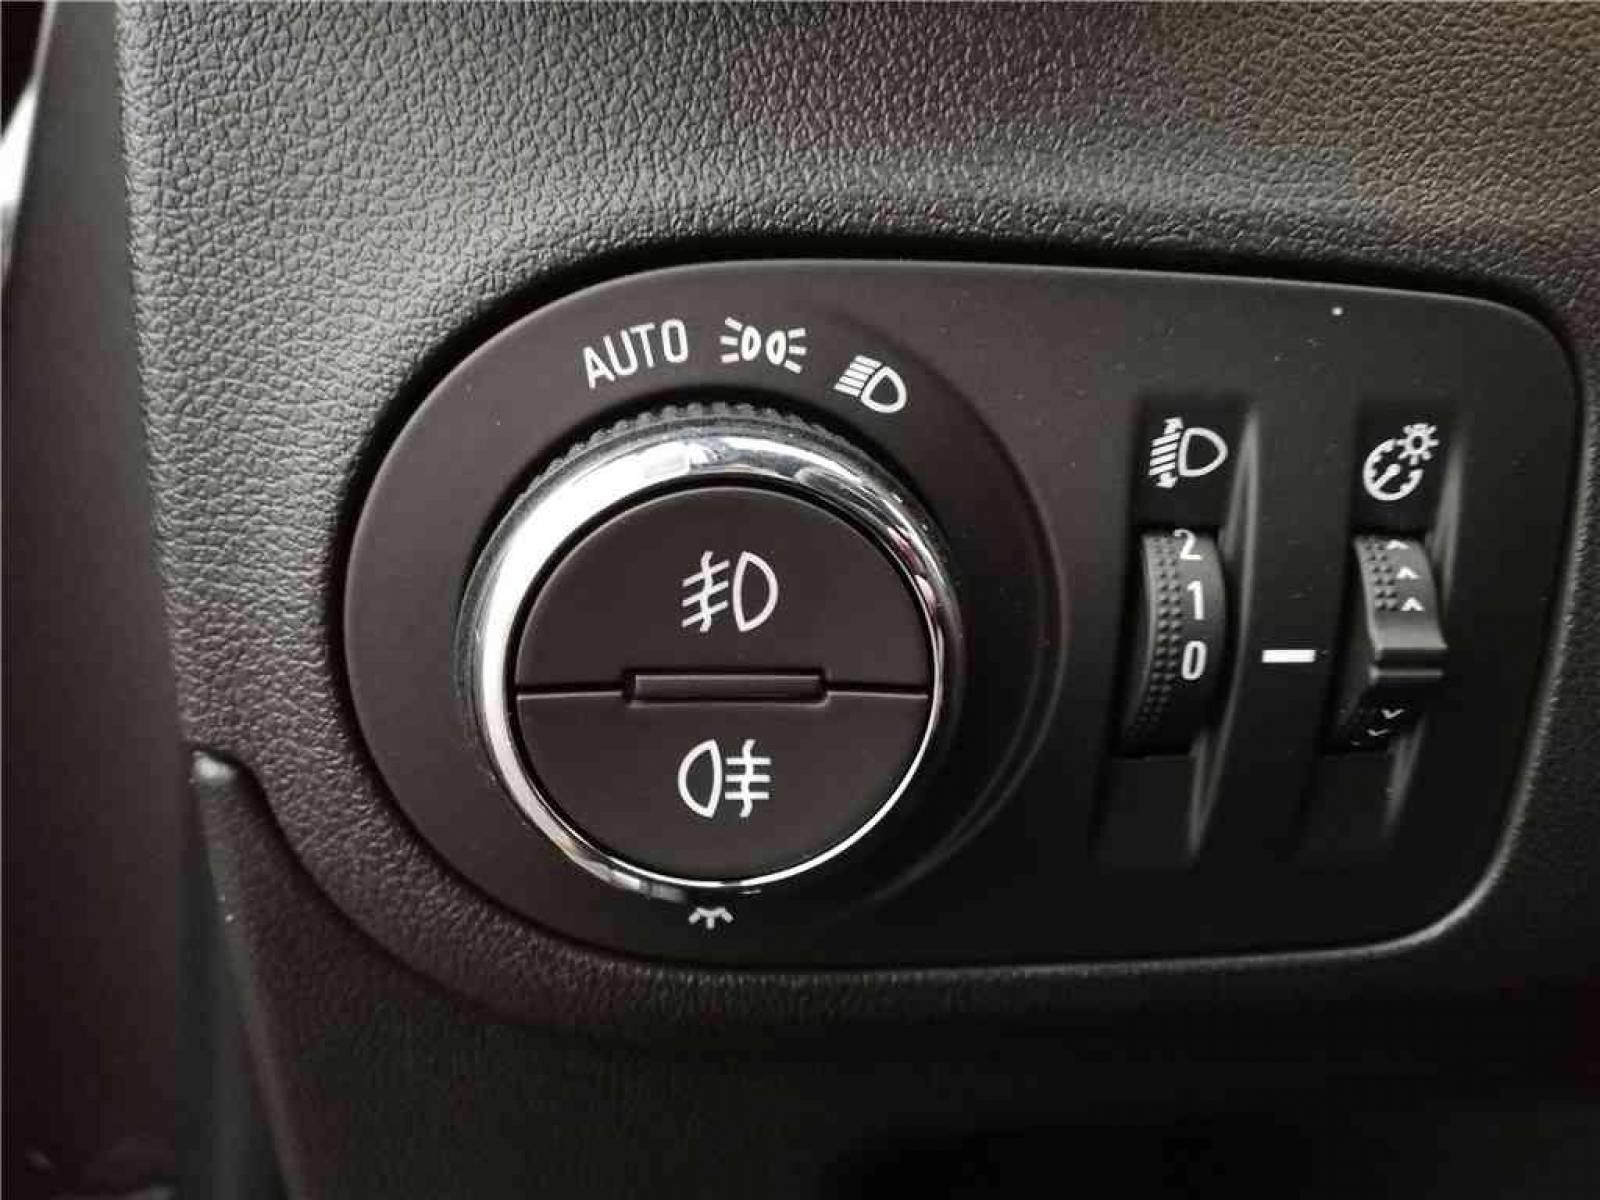 OPEL Crossland X 1.5 D 102 ch - véhicule d'occasion - Groupe Guillet - Opel Magicauto - Montceau-les-Mines - 71300 - Montceau-les-Mines - 16